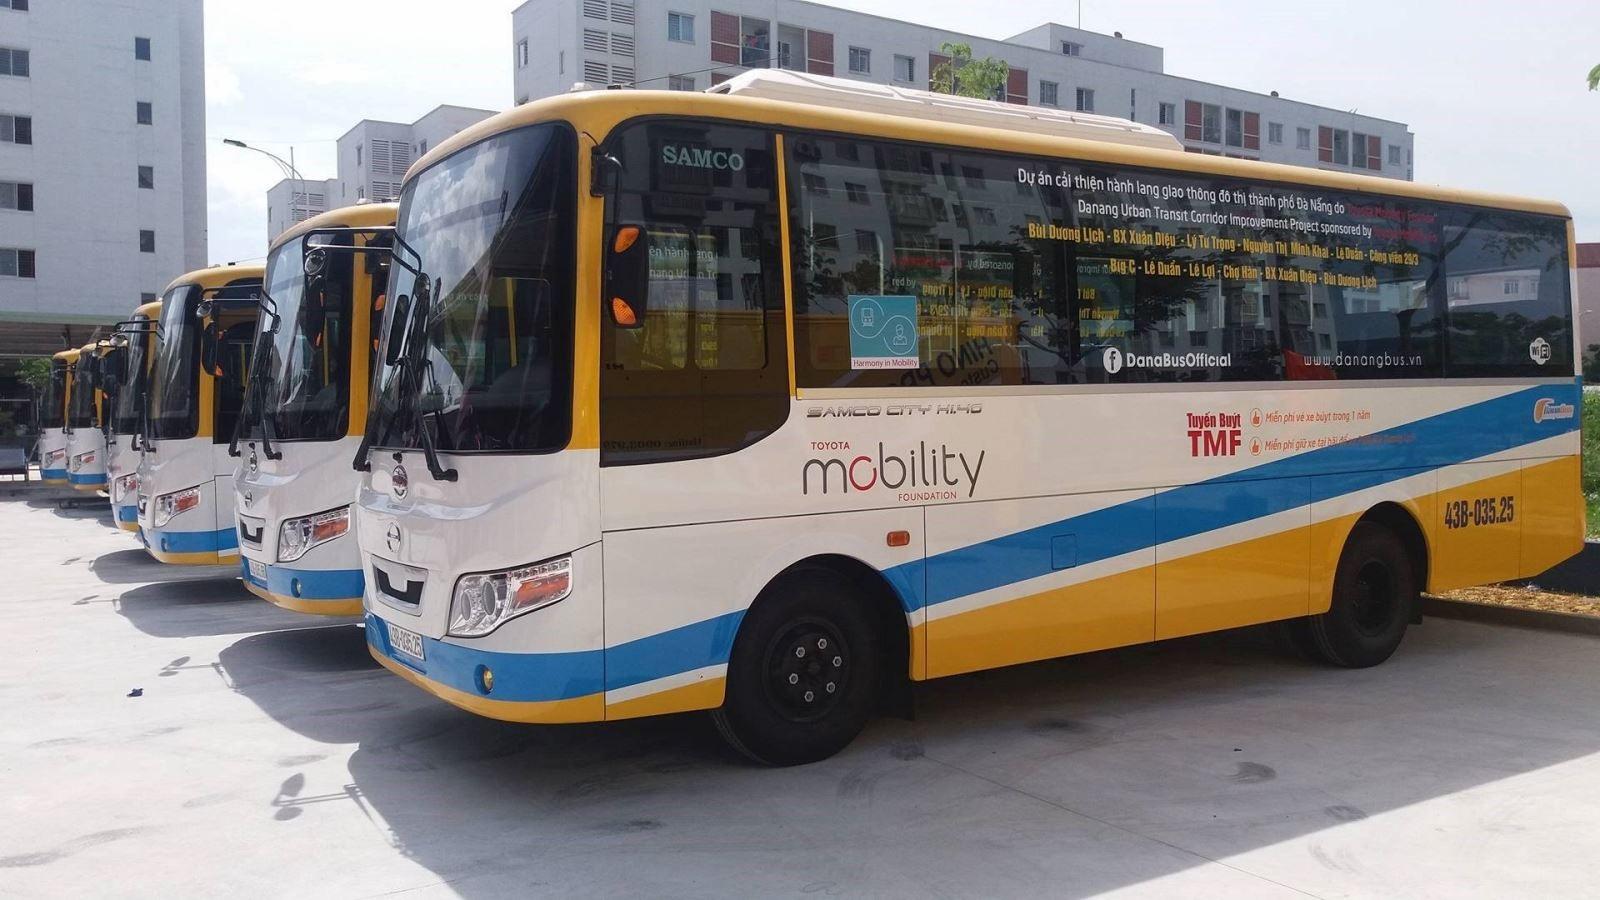 Đà Nẵng: Tạm dừng tuyến xe buýt miễn phí, nhiều lái xe thất nghiệp dịp cận Tết - 1